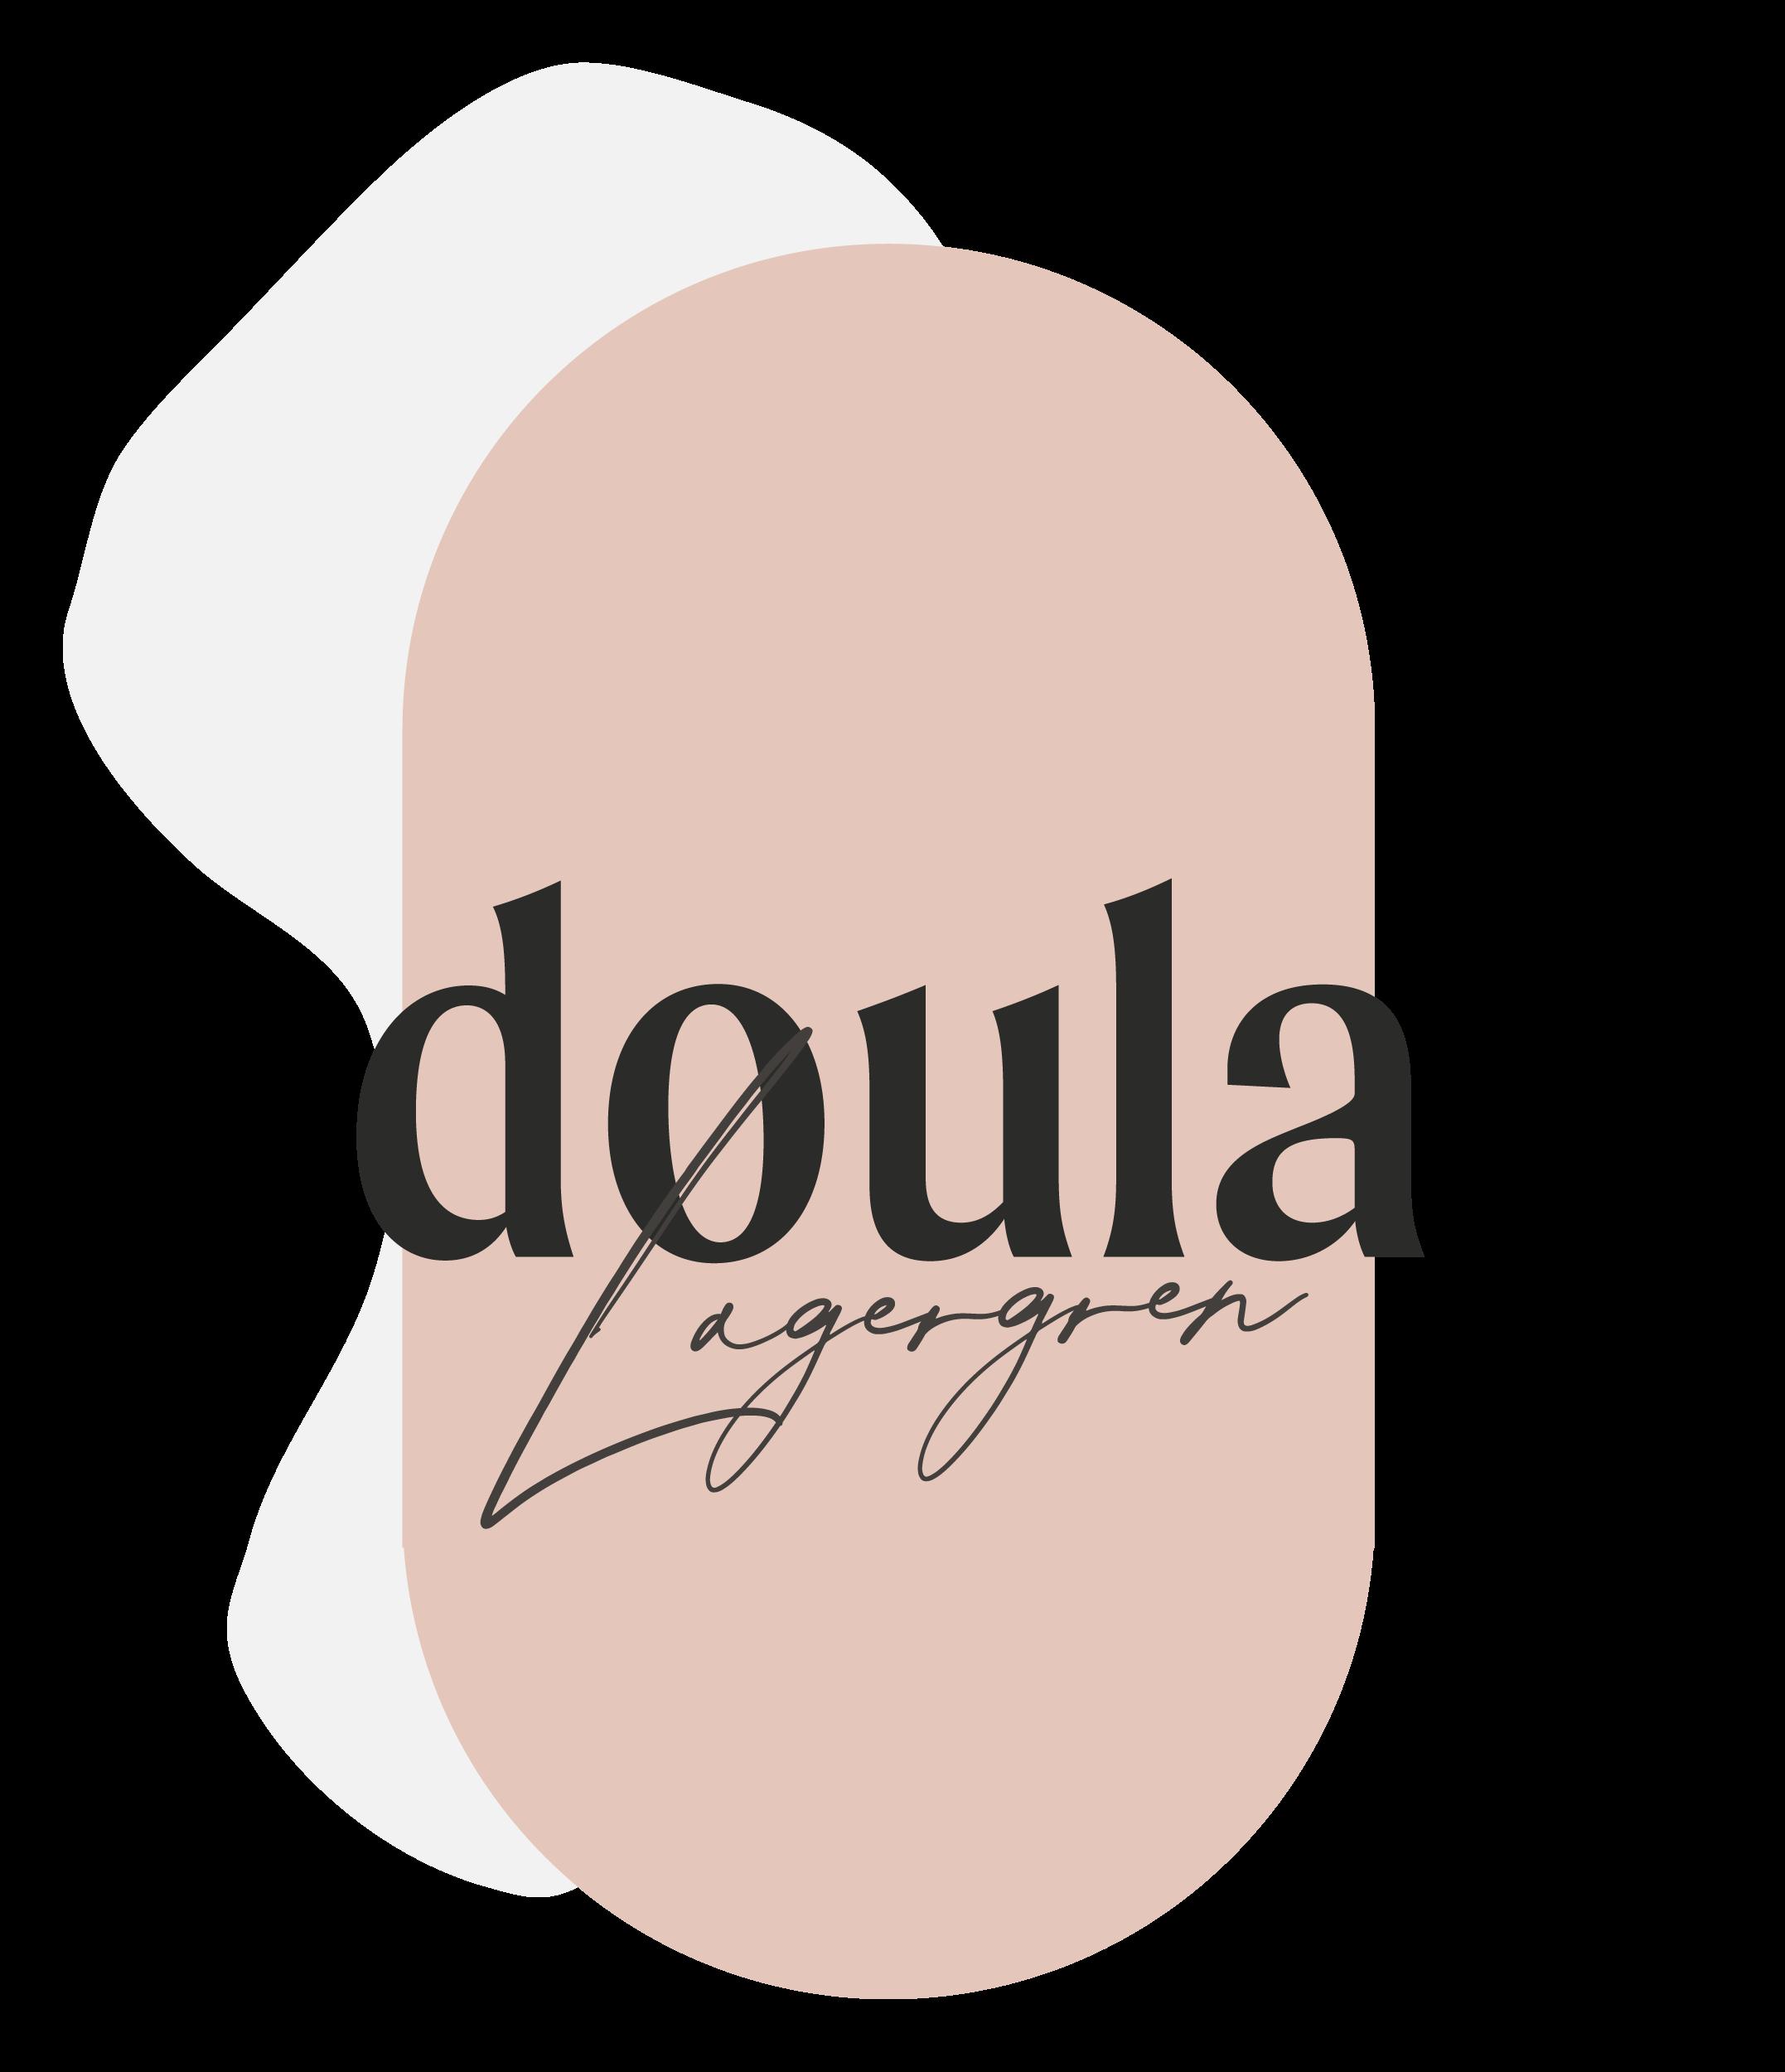 doula-lagergren-logo-v2